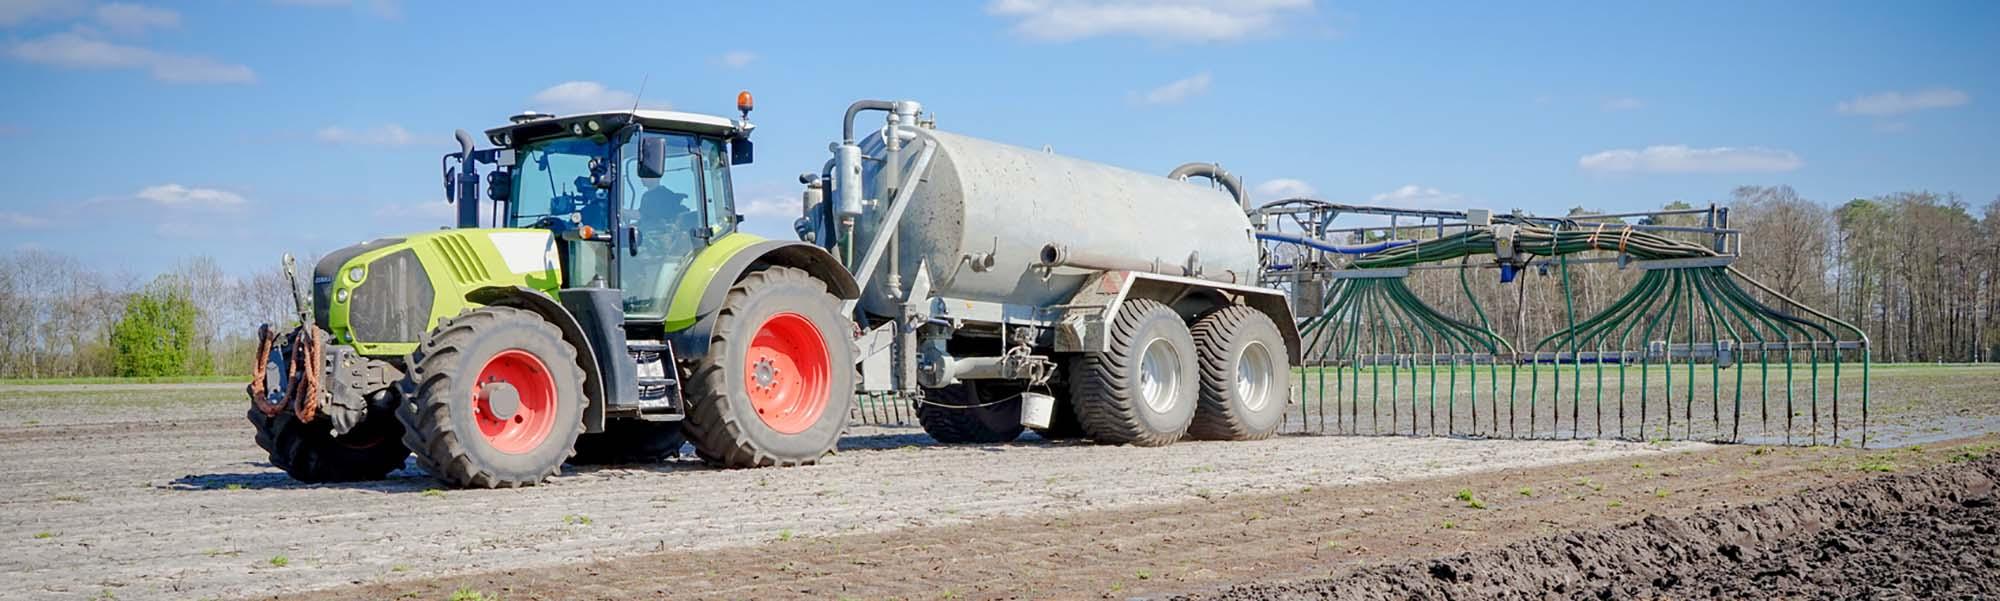 Mit Agrar-Profi24 in die Gülle-Saison | Antworten für jedes Problem: Individuell, schnell, kompetent